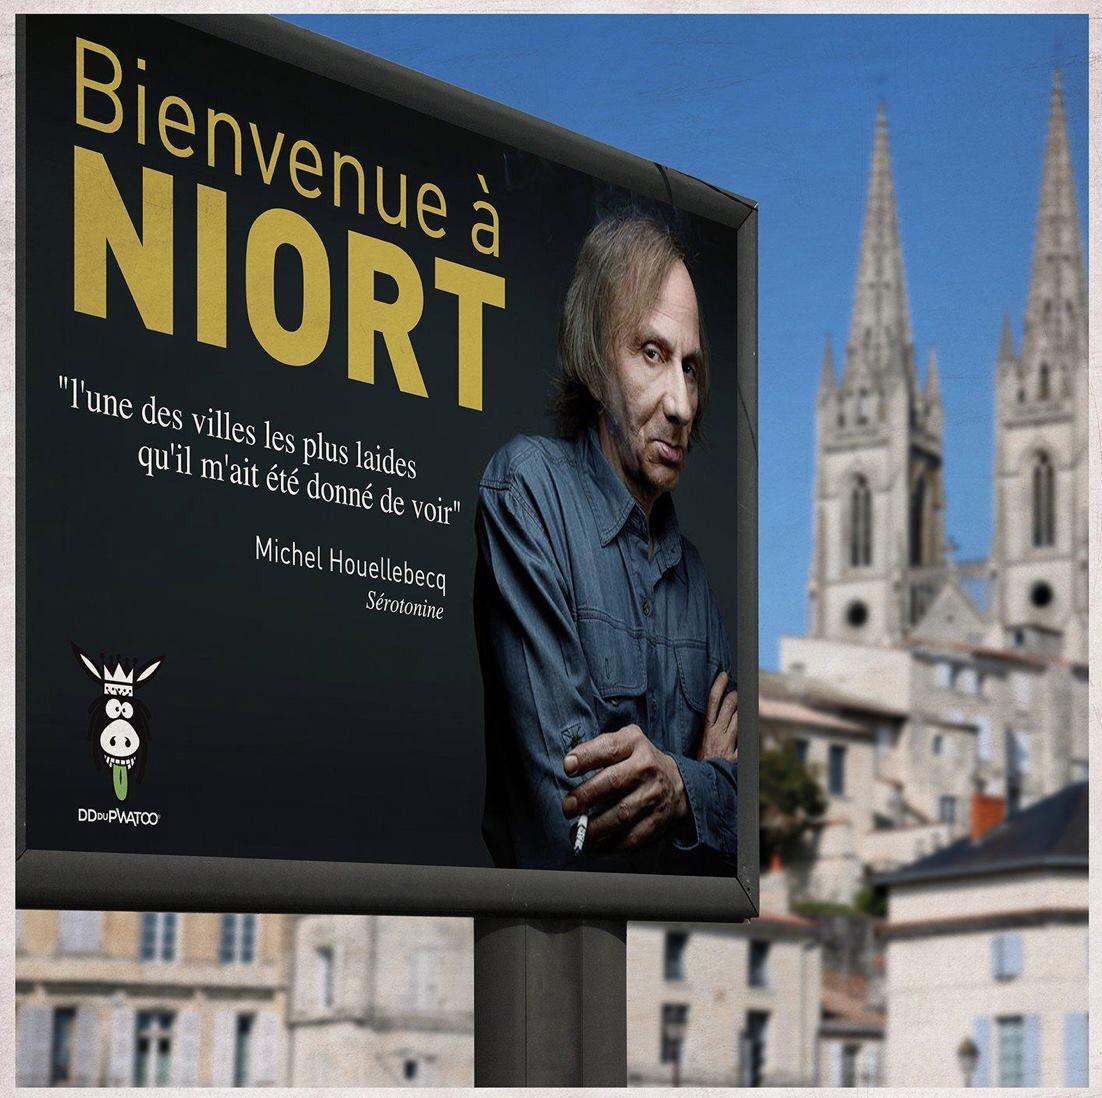 La ville de Niort a de l'humour ! @Mairie_Niort